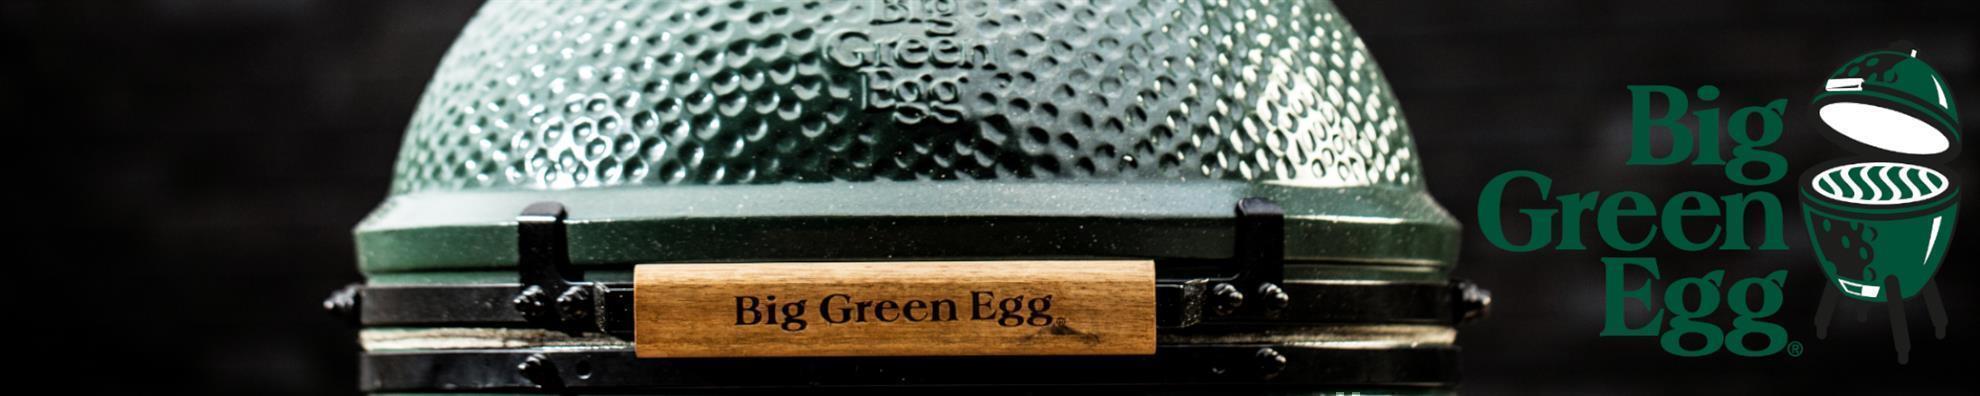 Big Green Egg - Starter-Set 2XL inkl. Nest, convEGGtor, Holzkohle 4,5Kg, Grillanzünder, Ascheschieber